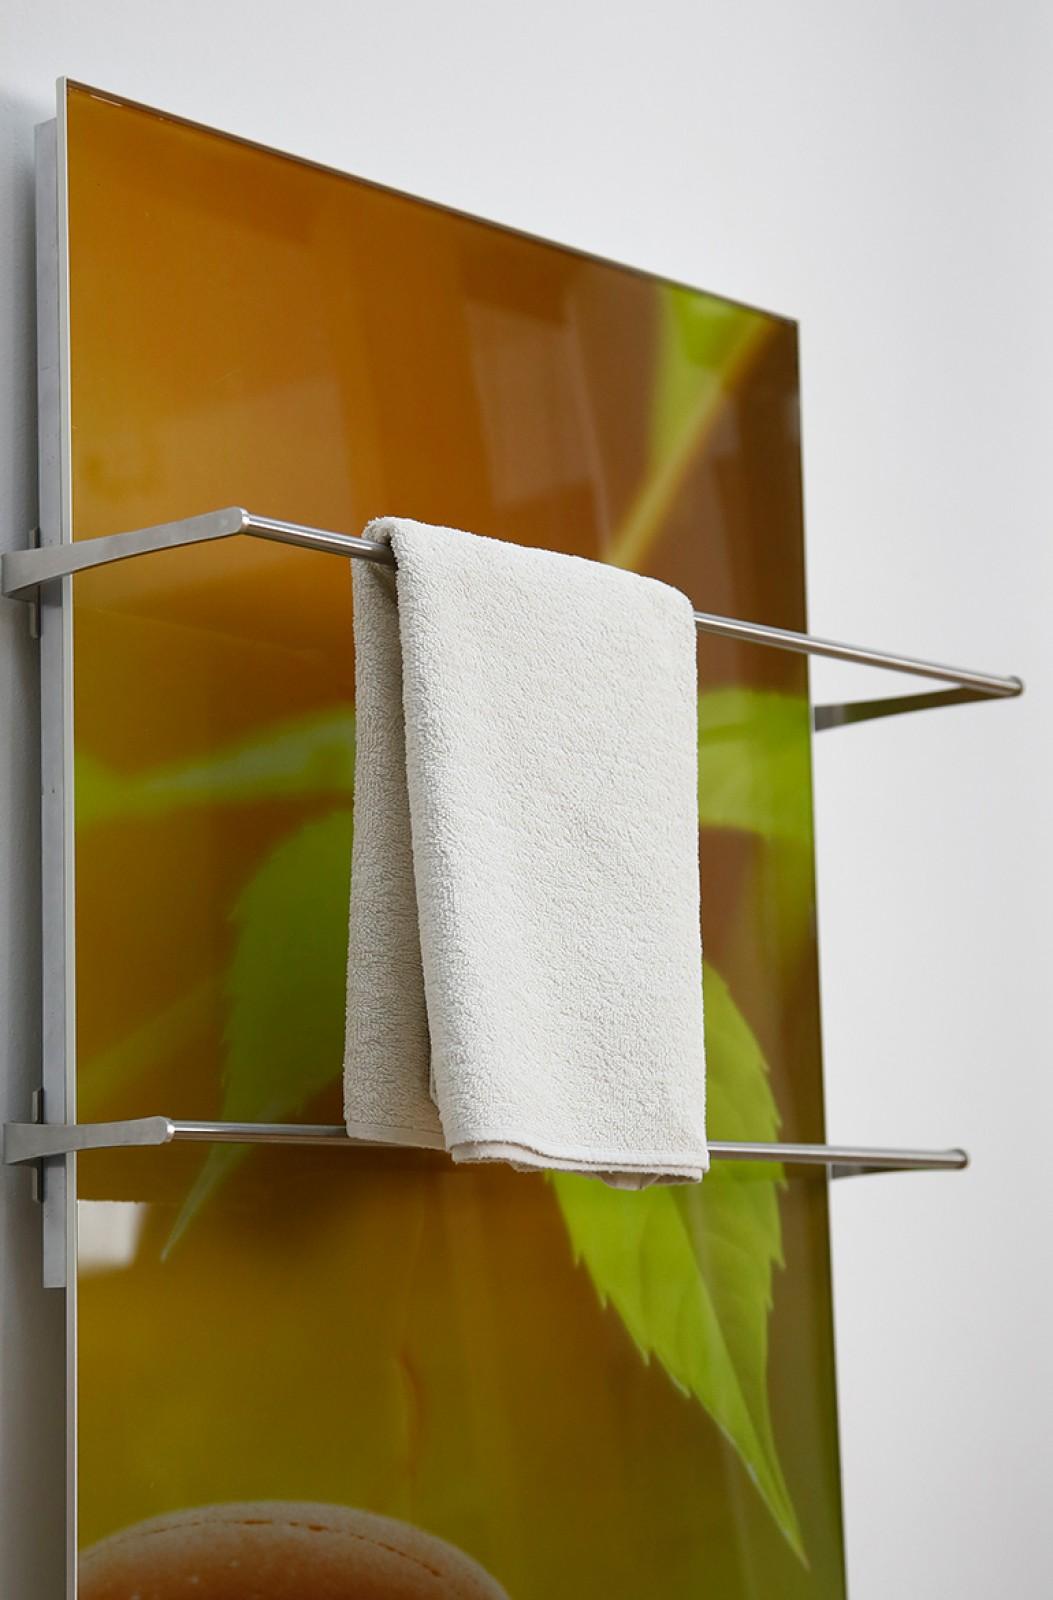 Handdoek droger voor infrarood verwarming. Ideaal voor de badkamer ...